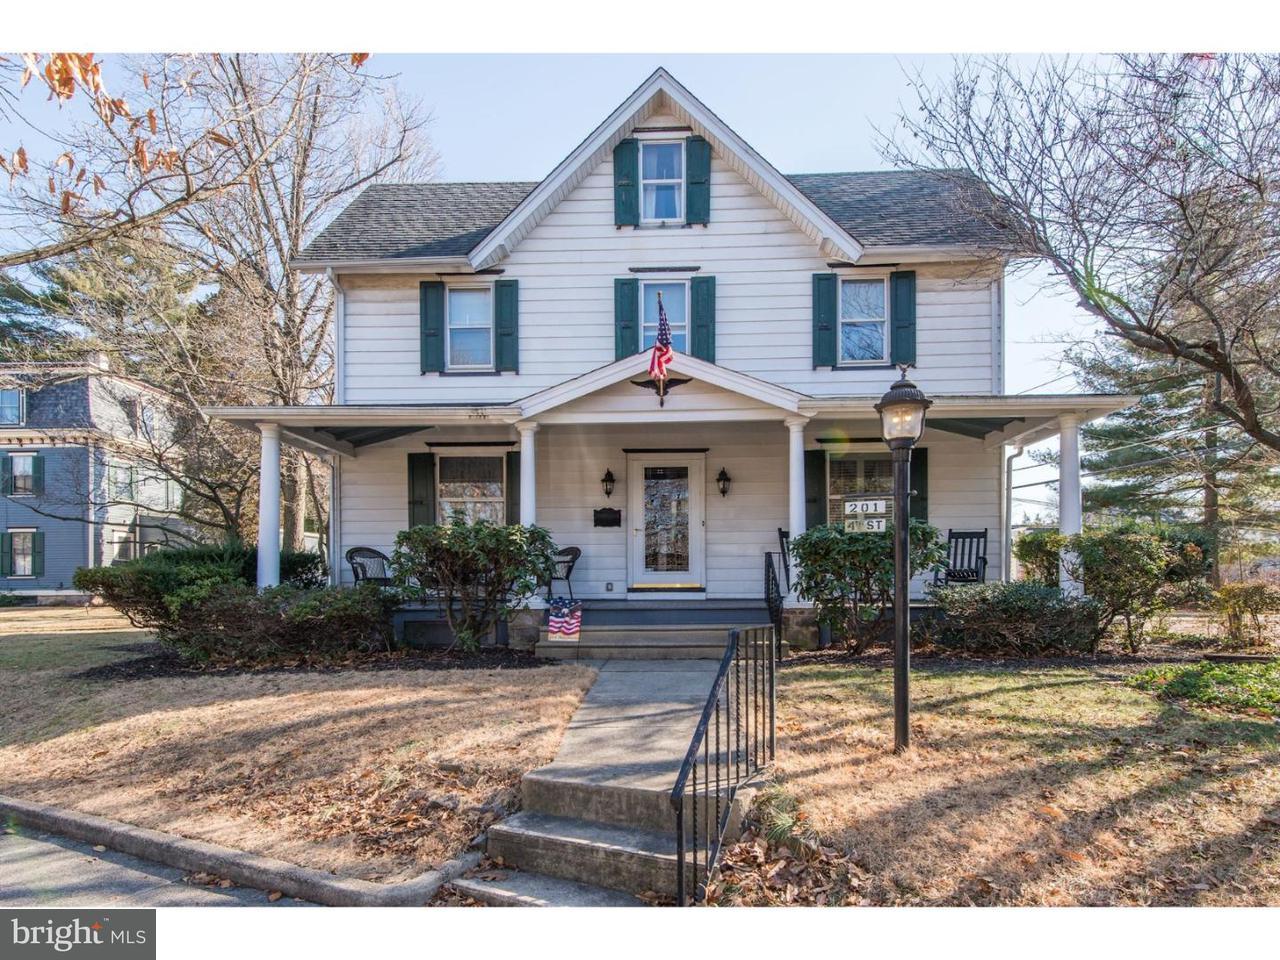 独户住宅 为 销售 在 201 4TH Street Riverton, 新泽西州 08077 美国